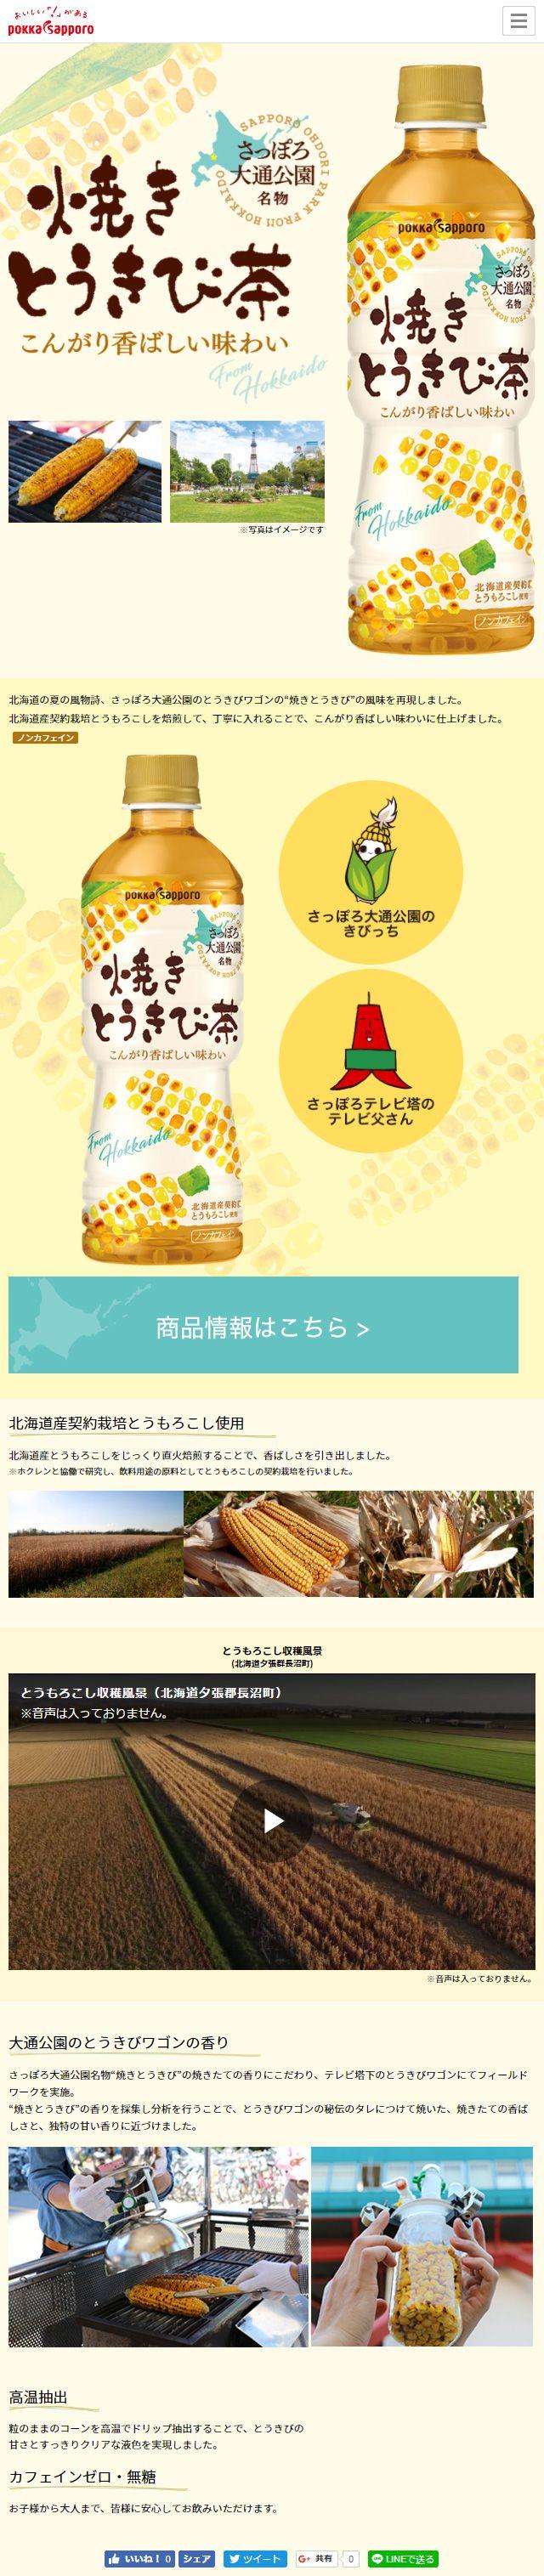 焼きとうきび茶|WEBデザイナーさん必見!スマホランディングページのデザイン参考に()